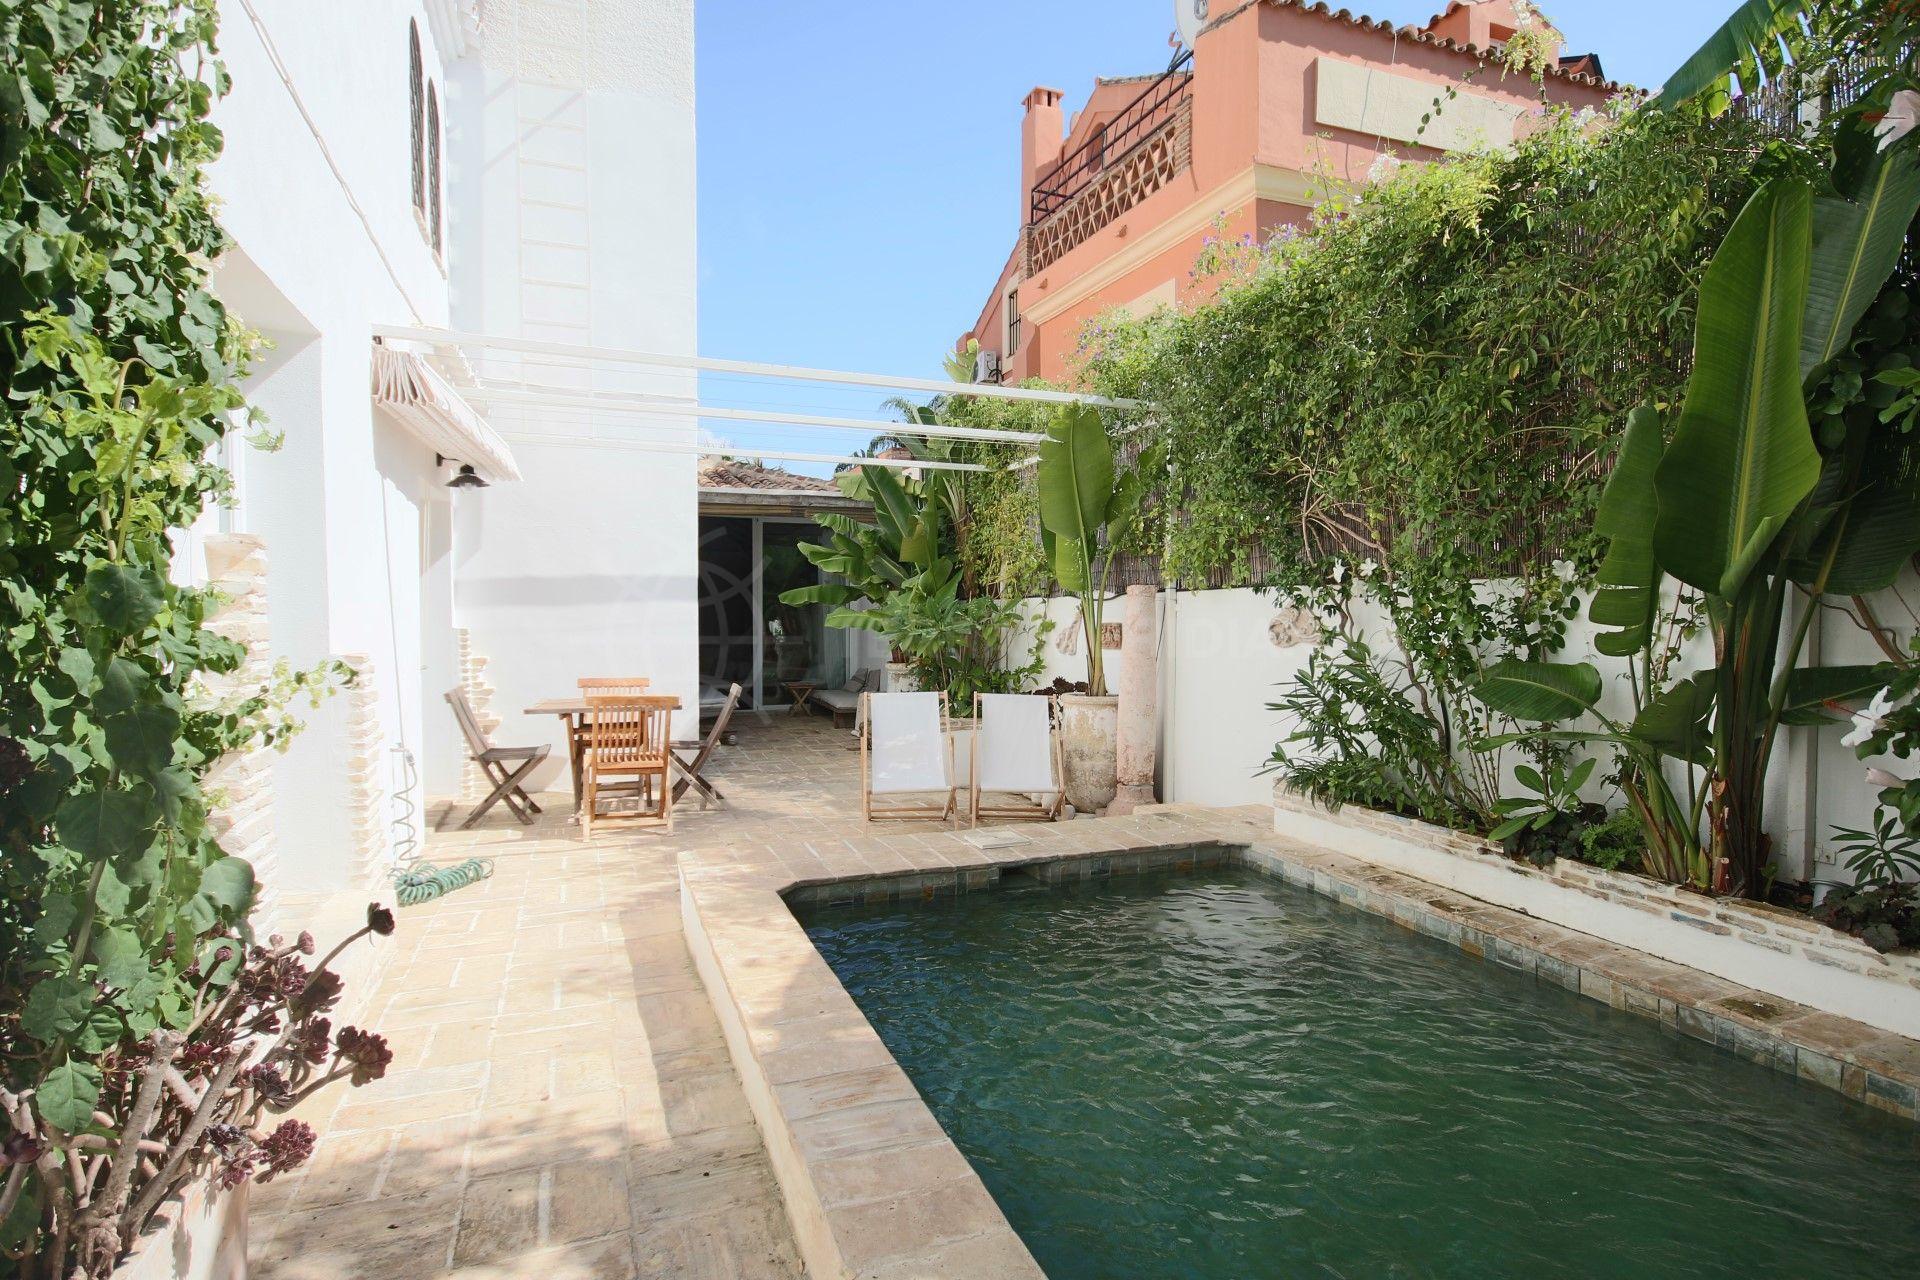 Casa con encanto en venta en san pedro playa con piscina for Apartamentos con piscina y playa